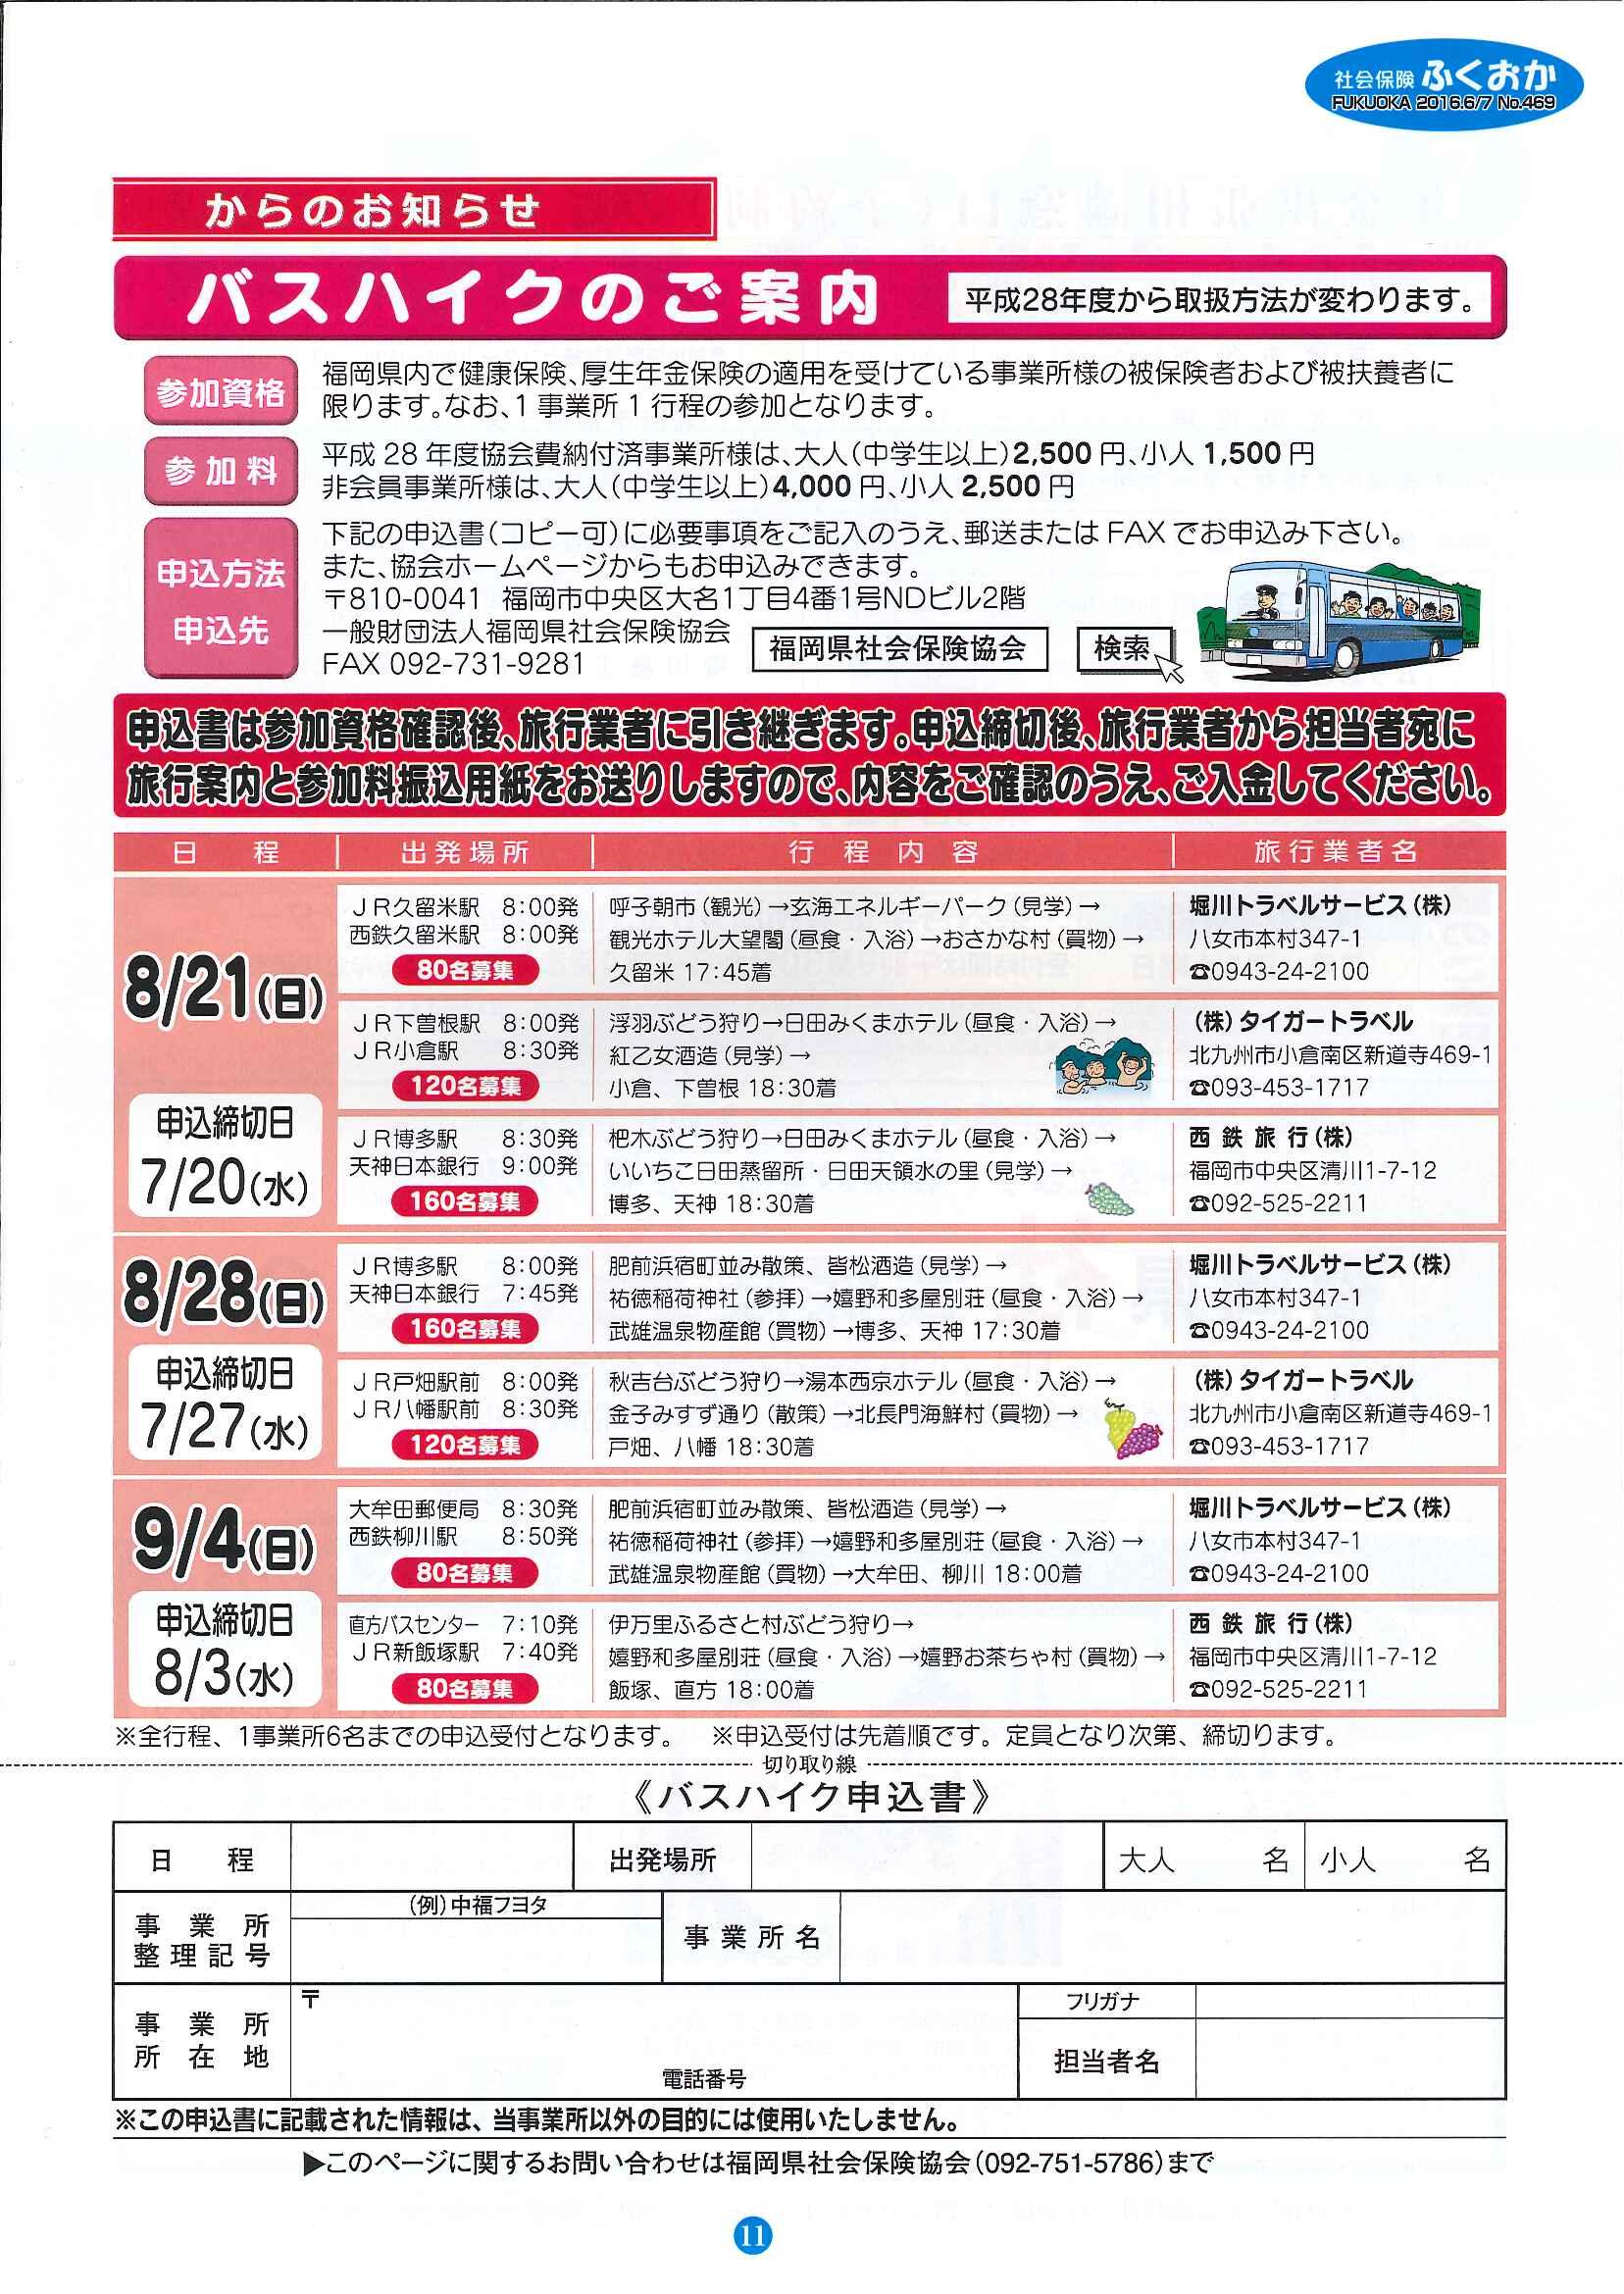 社会保険 ふくおか 2016年6・7月号_f0120774_15404728.jpg